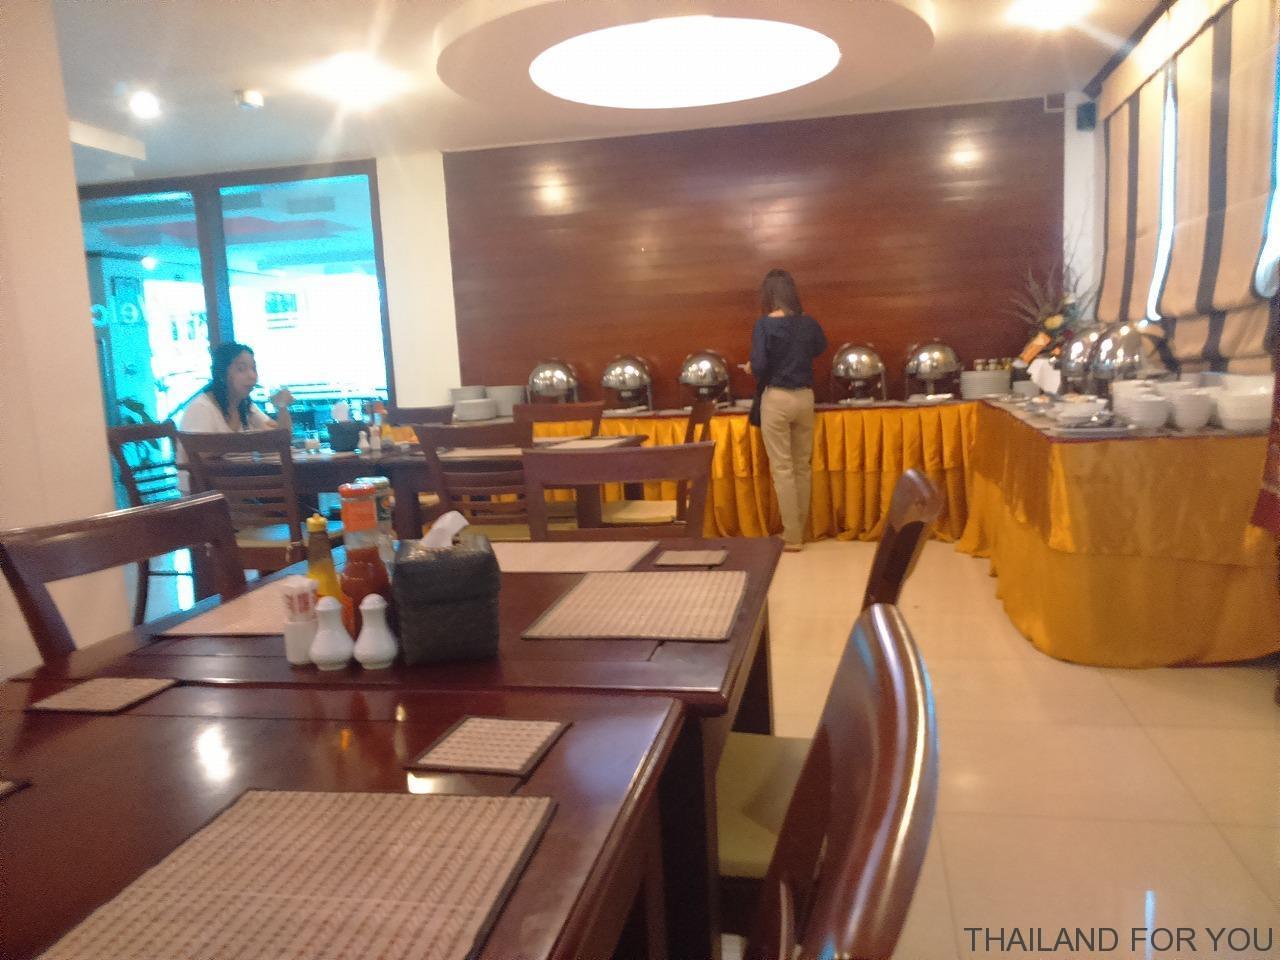 ラオゴールデンホテルの朝食の写真